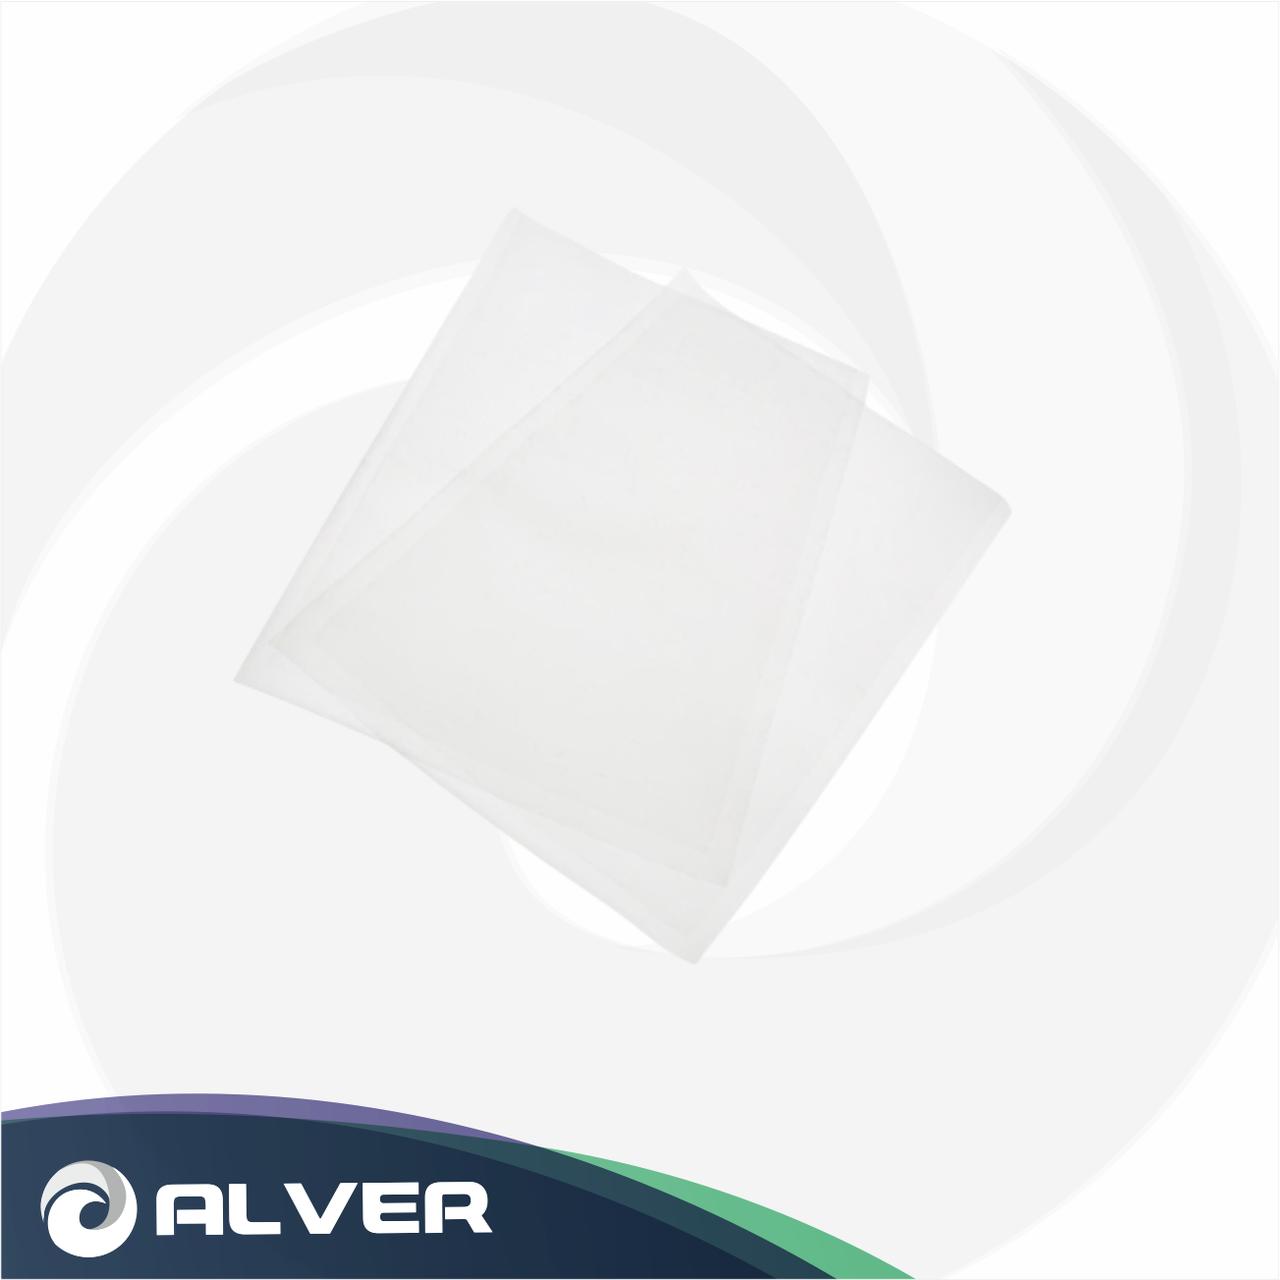 Пакет вакуумный 200*300 мм (РЕТ/РЕ) прозрачный, 65мкм (200шт в пач)